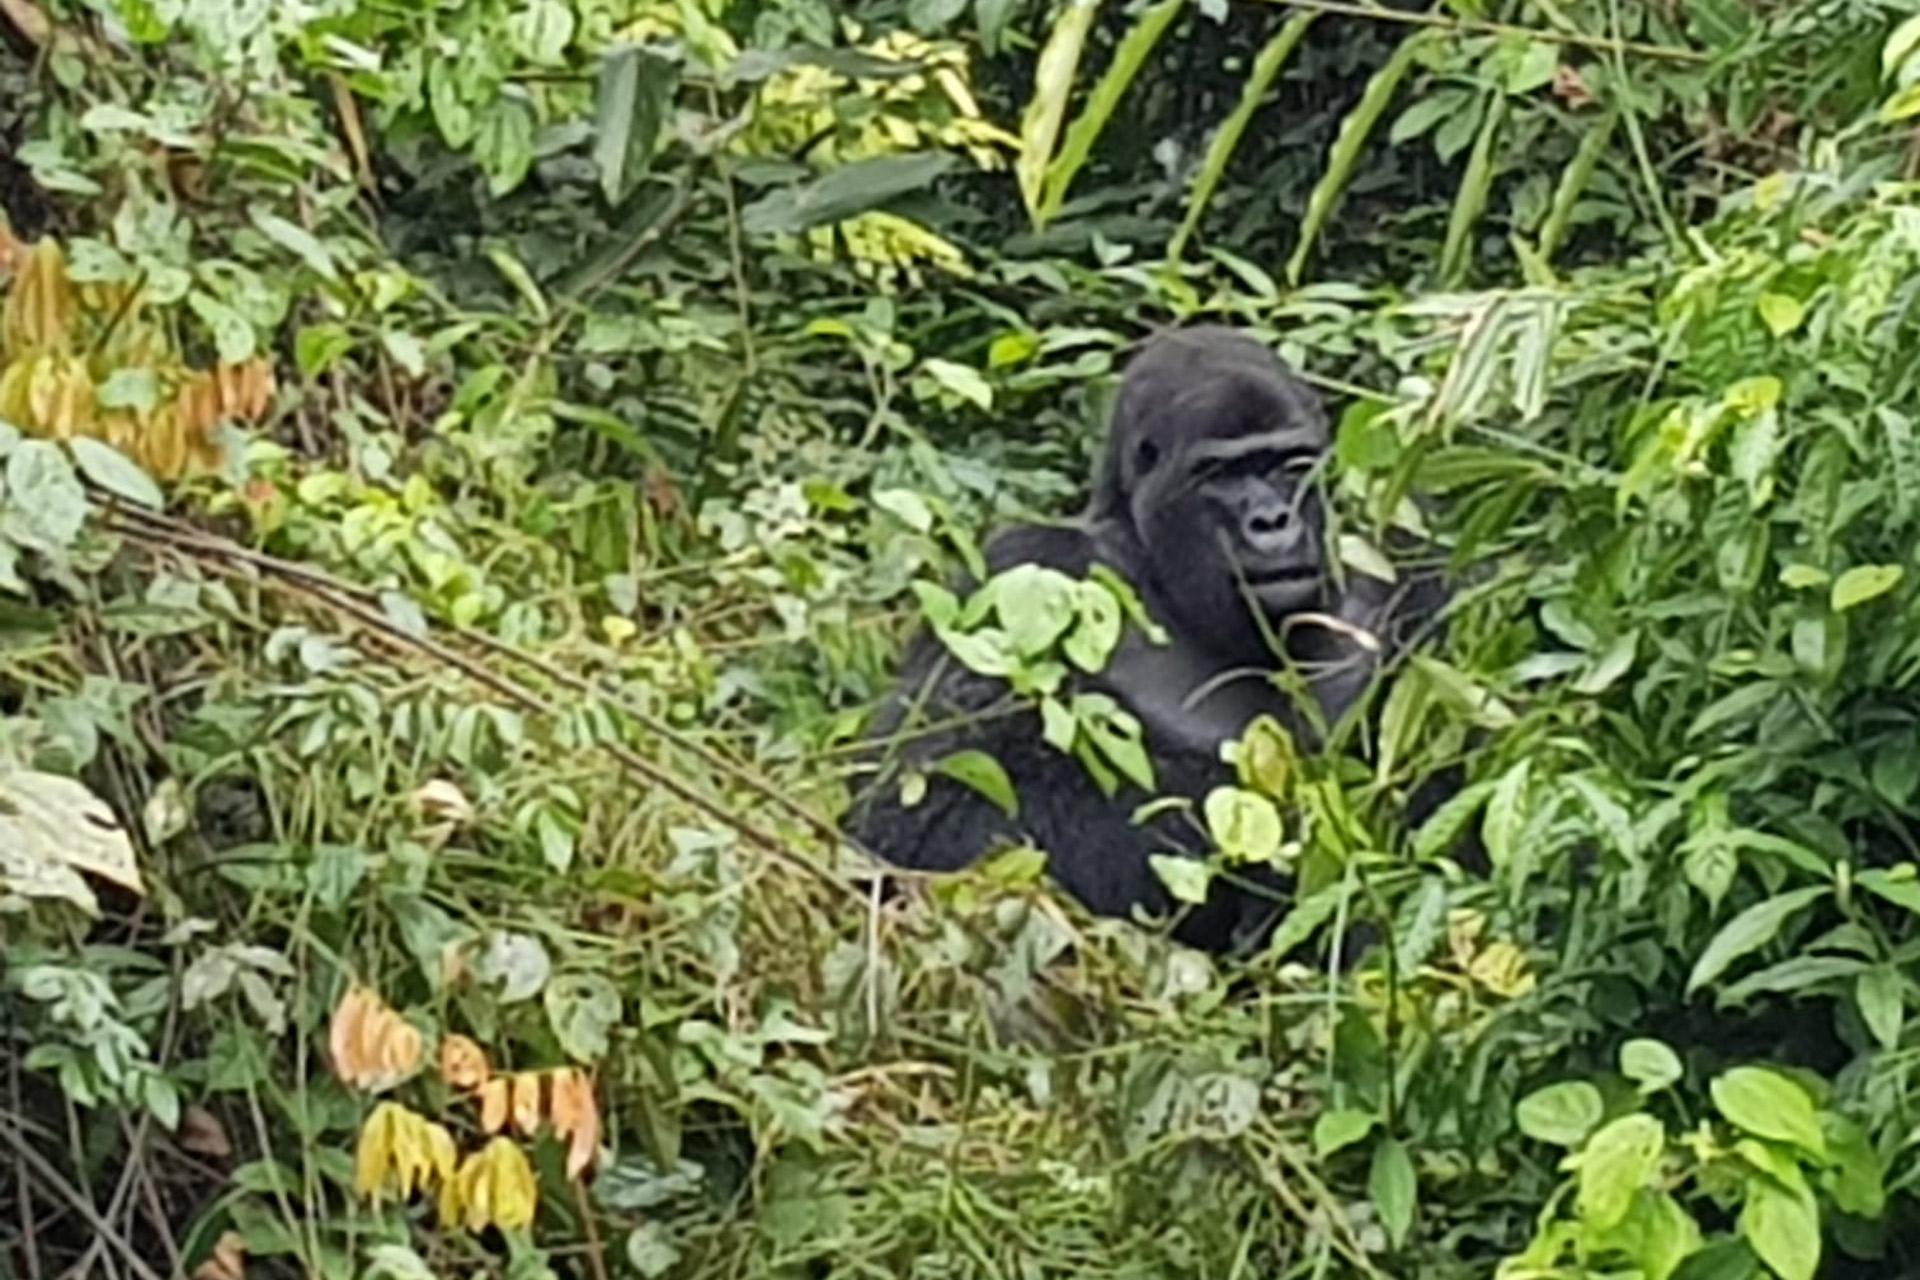 Un mâle gorille précédemment réintroduit